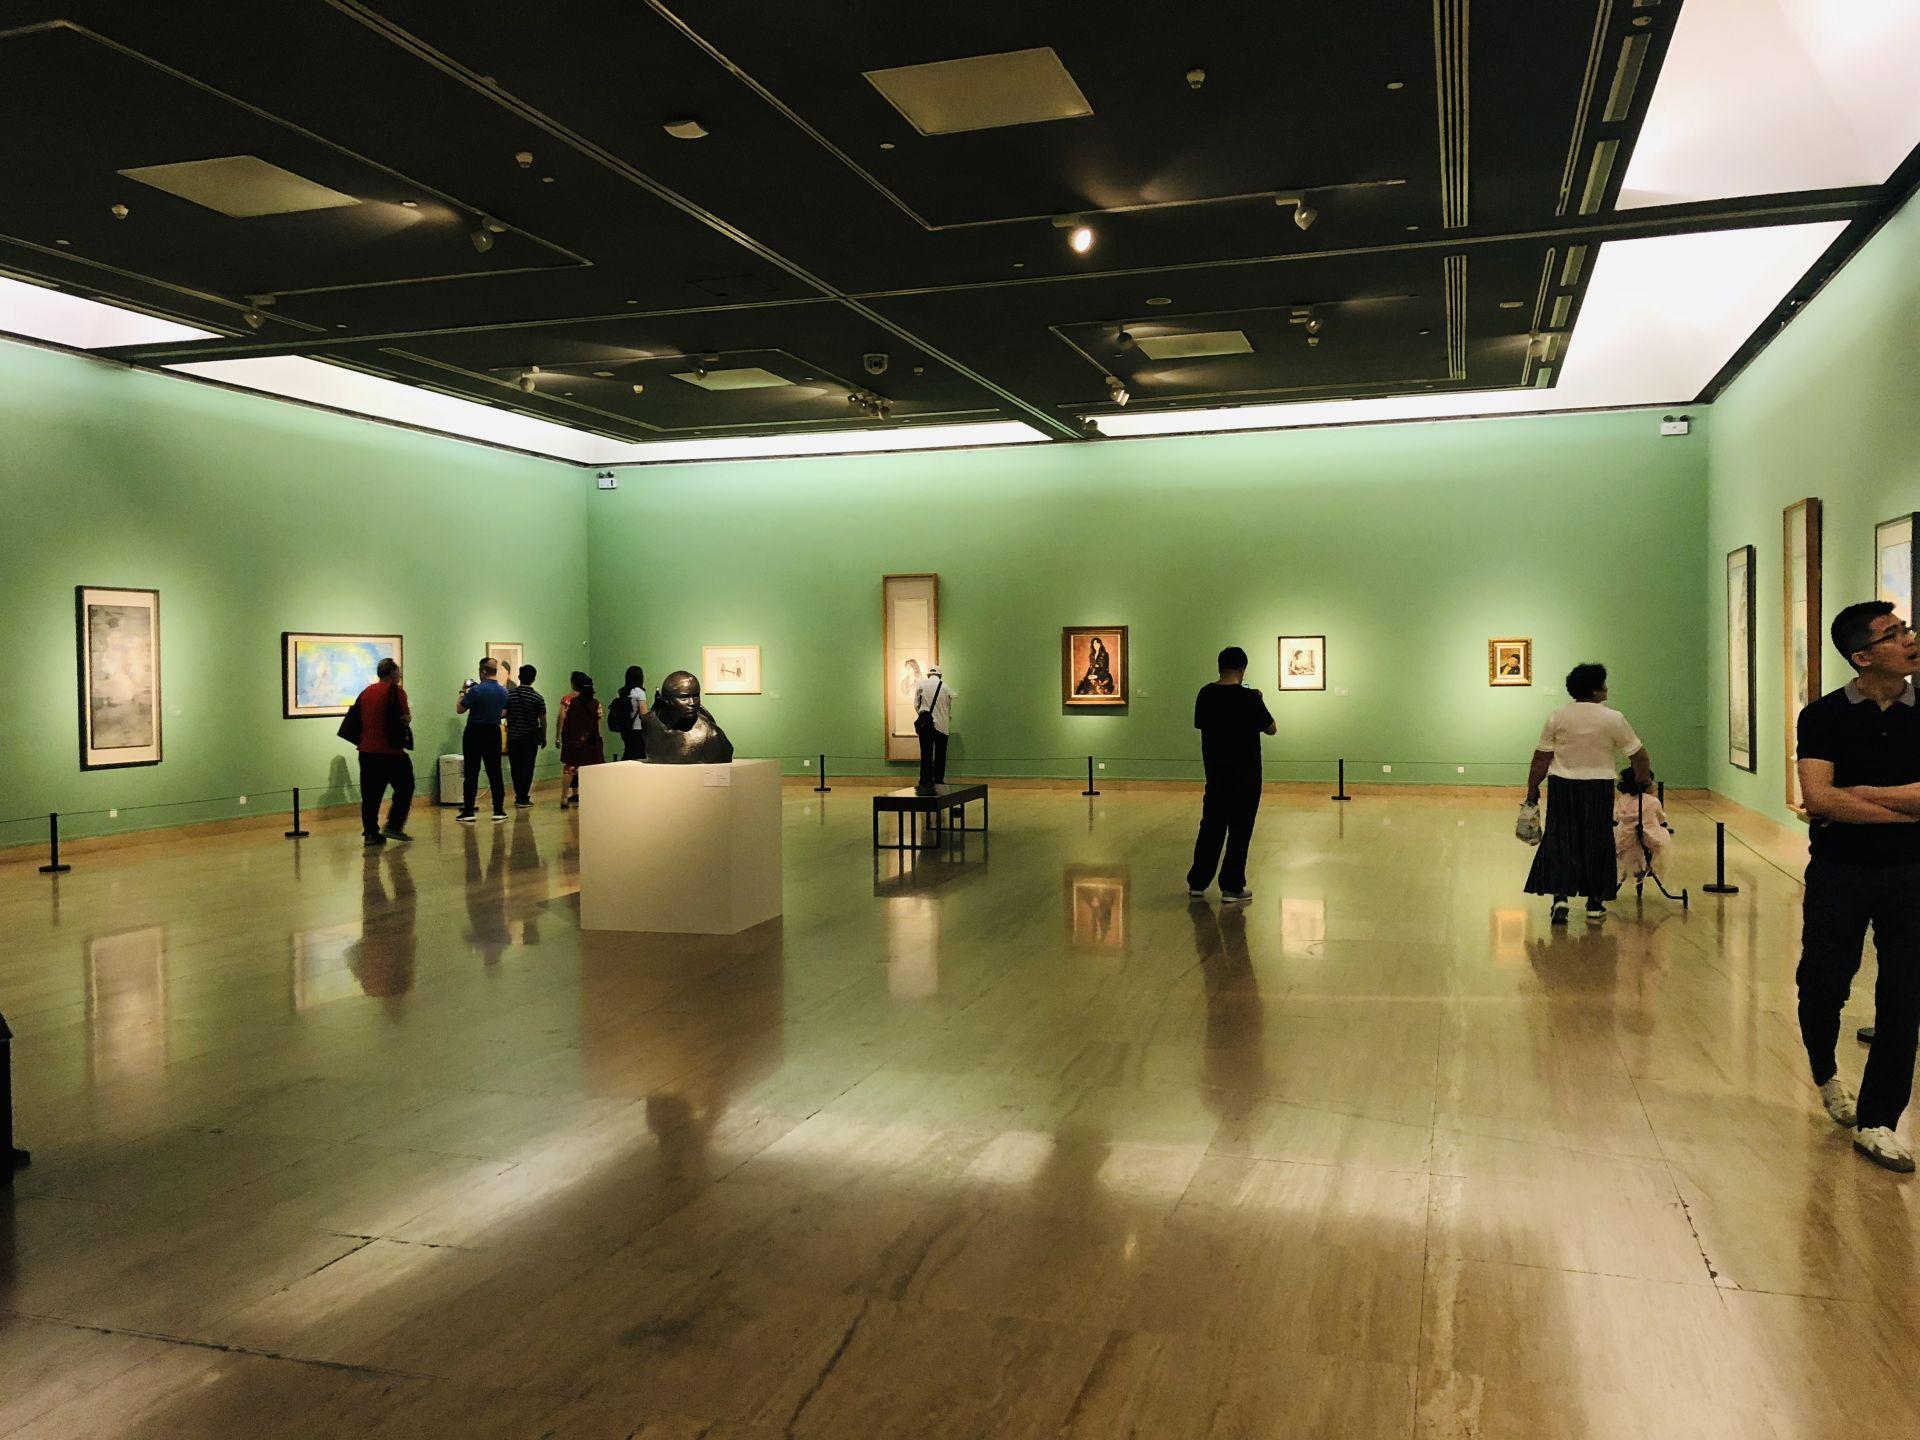 """图为中国美术馆""""大道融通——亚洲艺术作品展""""美人之美主题展厅,游客在欣赏艺术作品"""